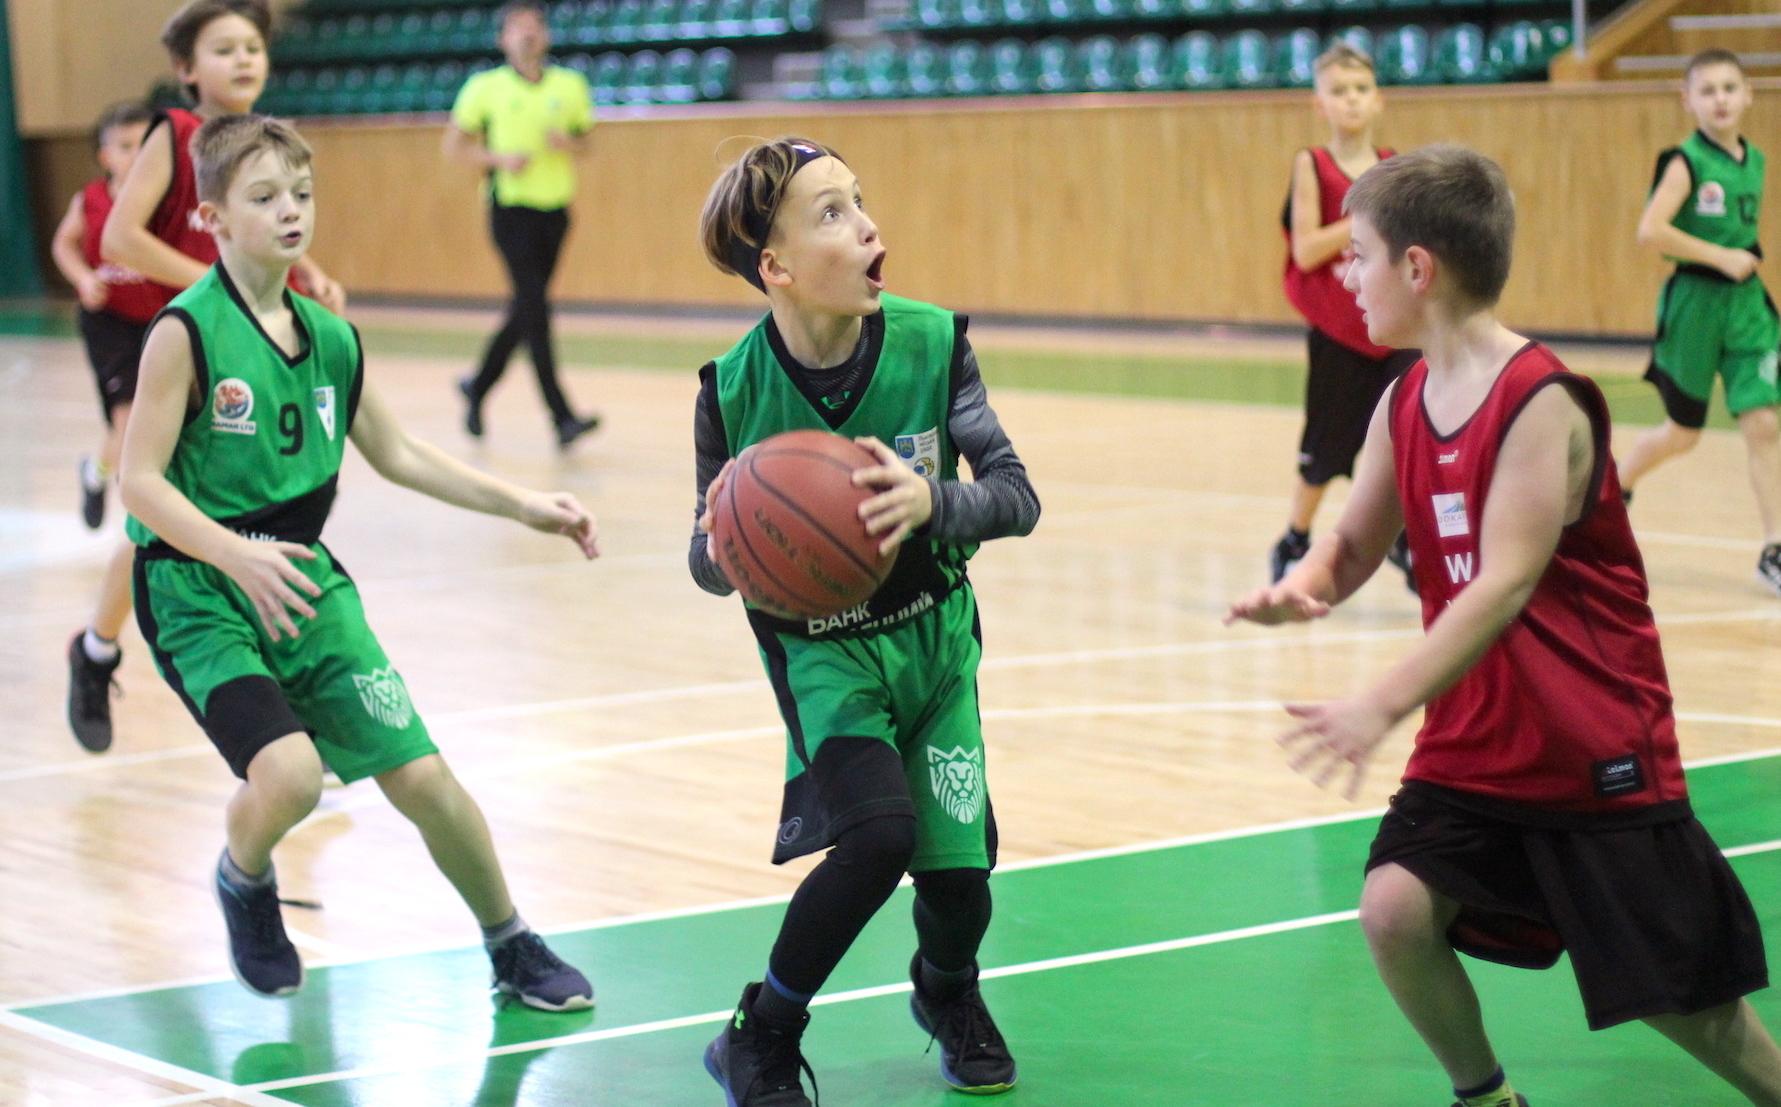 У Львові завершились міжнародні дитячі змагання з баскетболу: фото